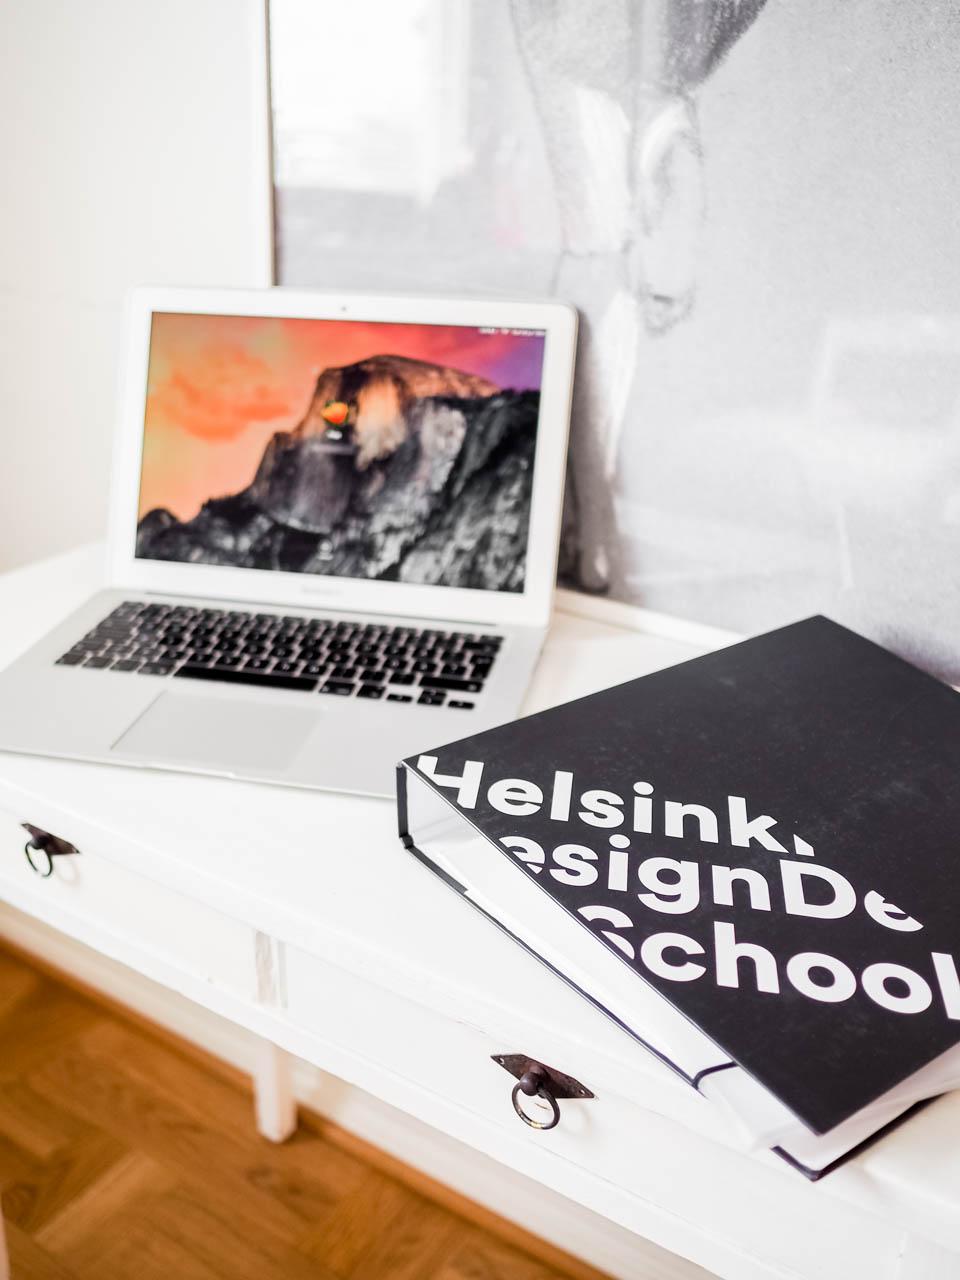 helsinki-design-school-muotimarkkinointi-tutkinto-kokemuksia